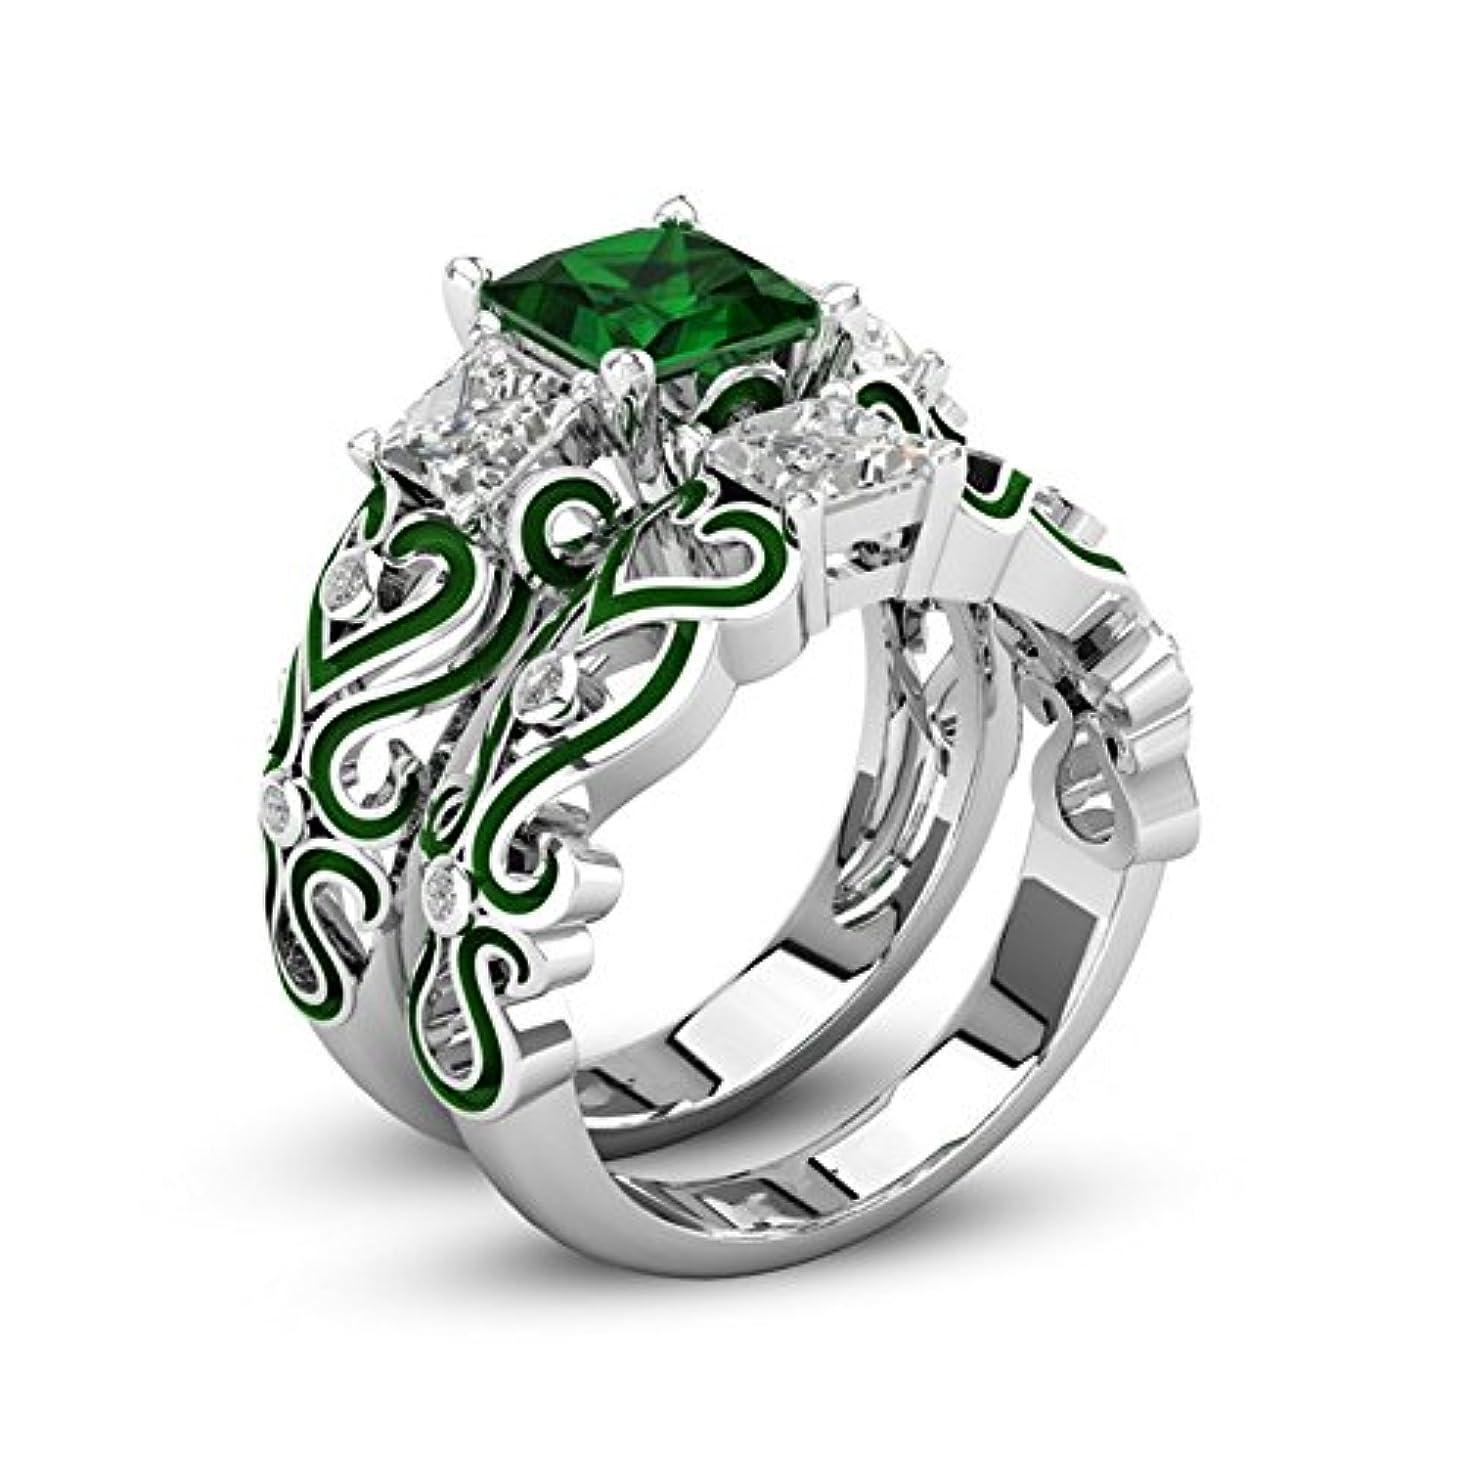 石炭革命冒険家女性のためのファッション925シルバーメッキ結婚指輪婚約指輪フレンドマザーパーティー着用記念日 (緑, 18)